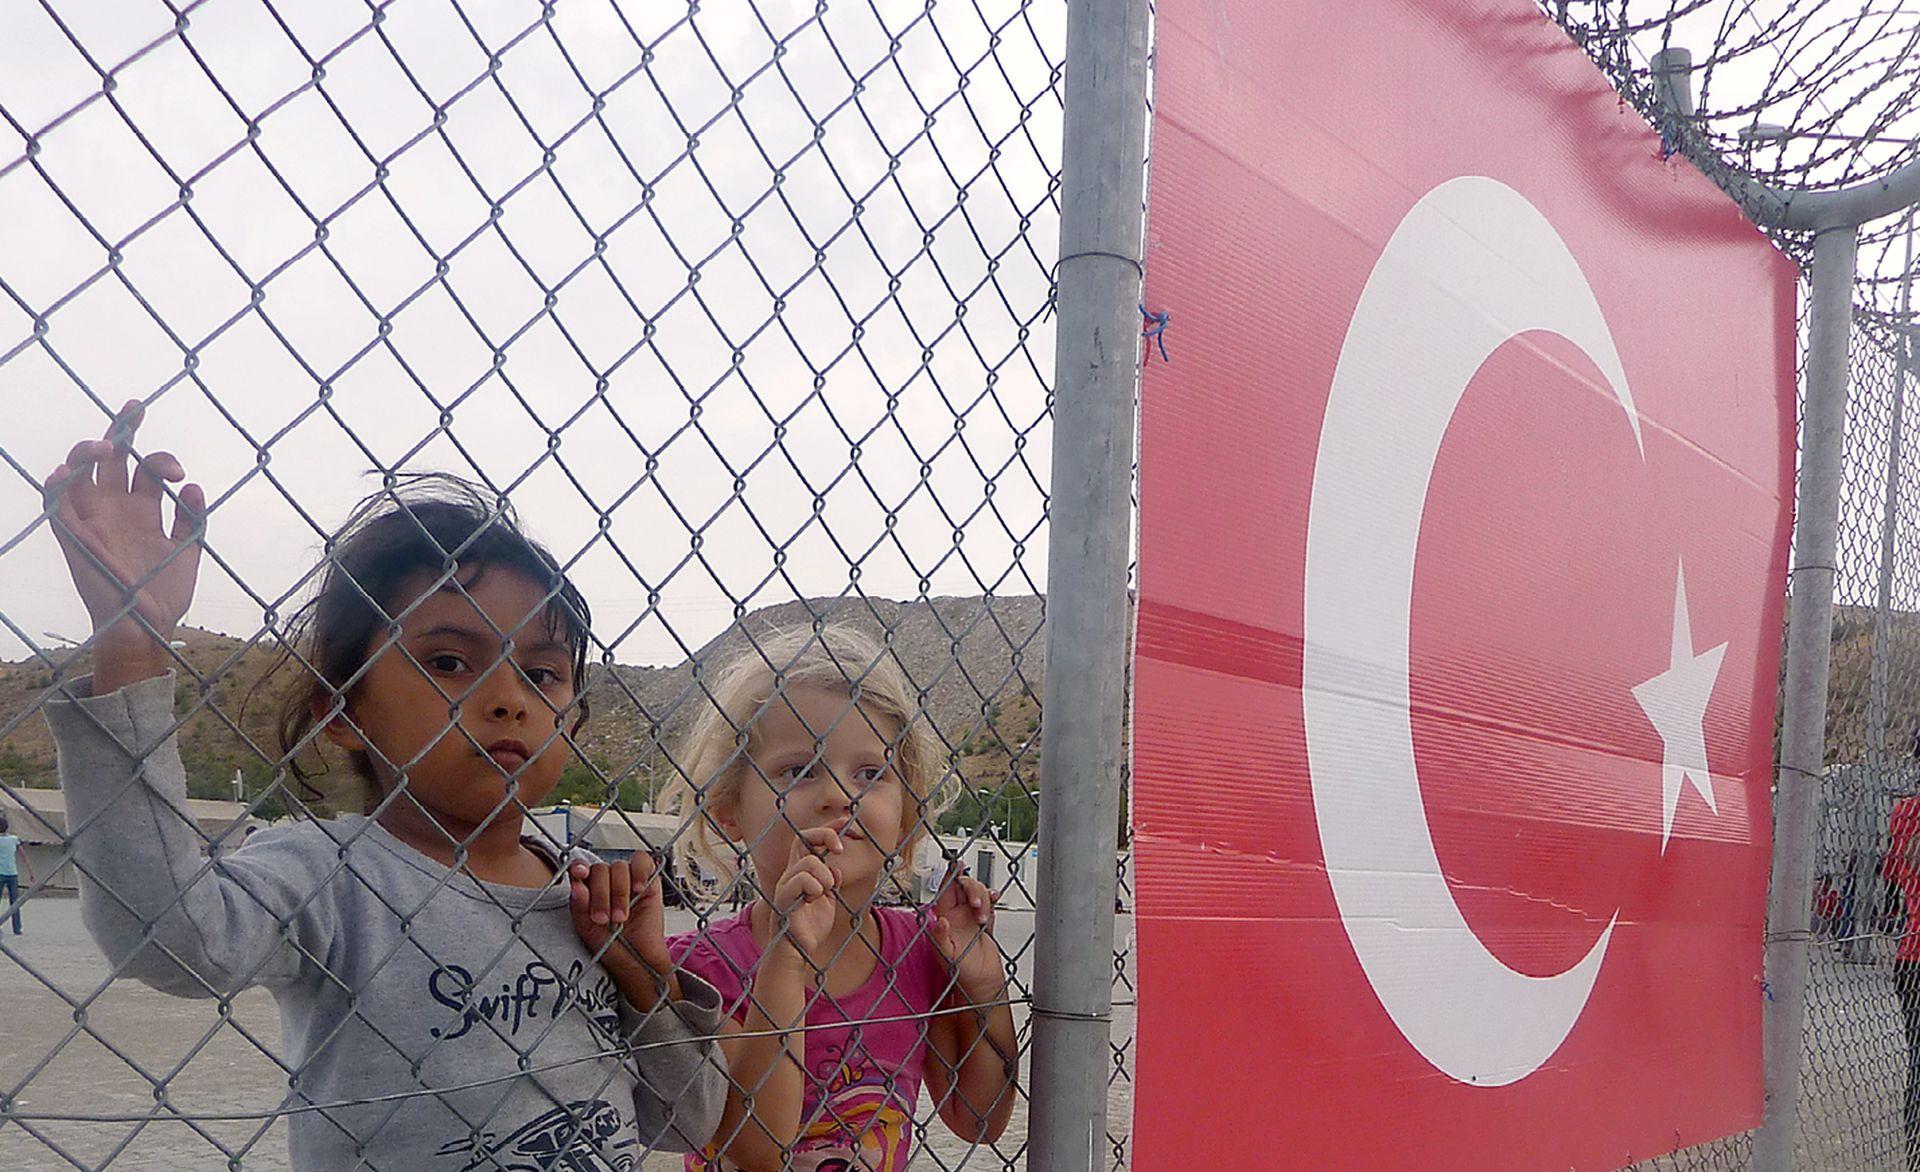 EKSKLUZIVNA REPORTAŽA: 'Izbjeglice su naši gosti, a s gostima se dijeli kruh i dom'